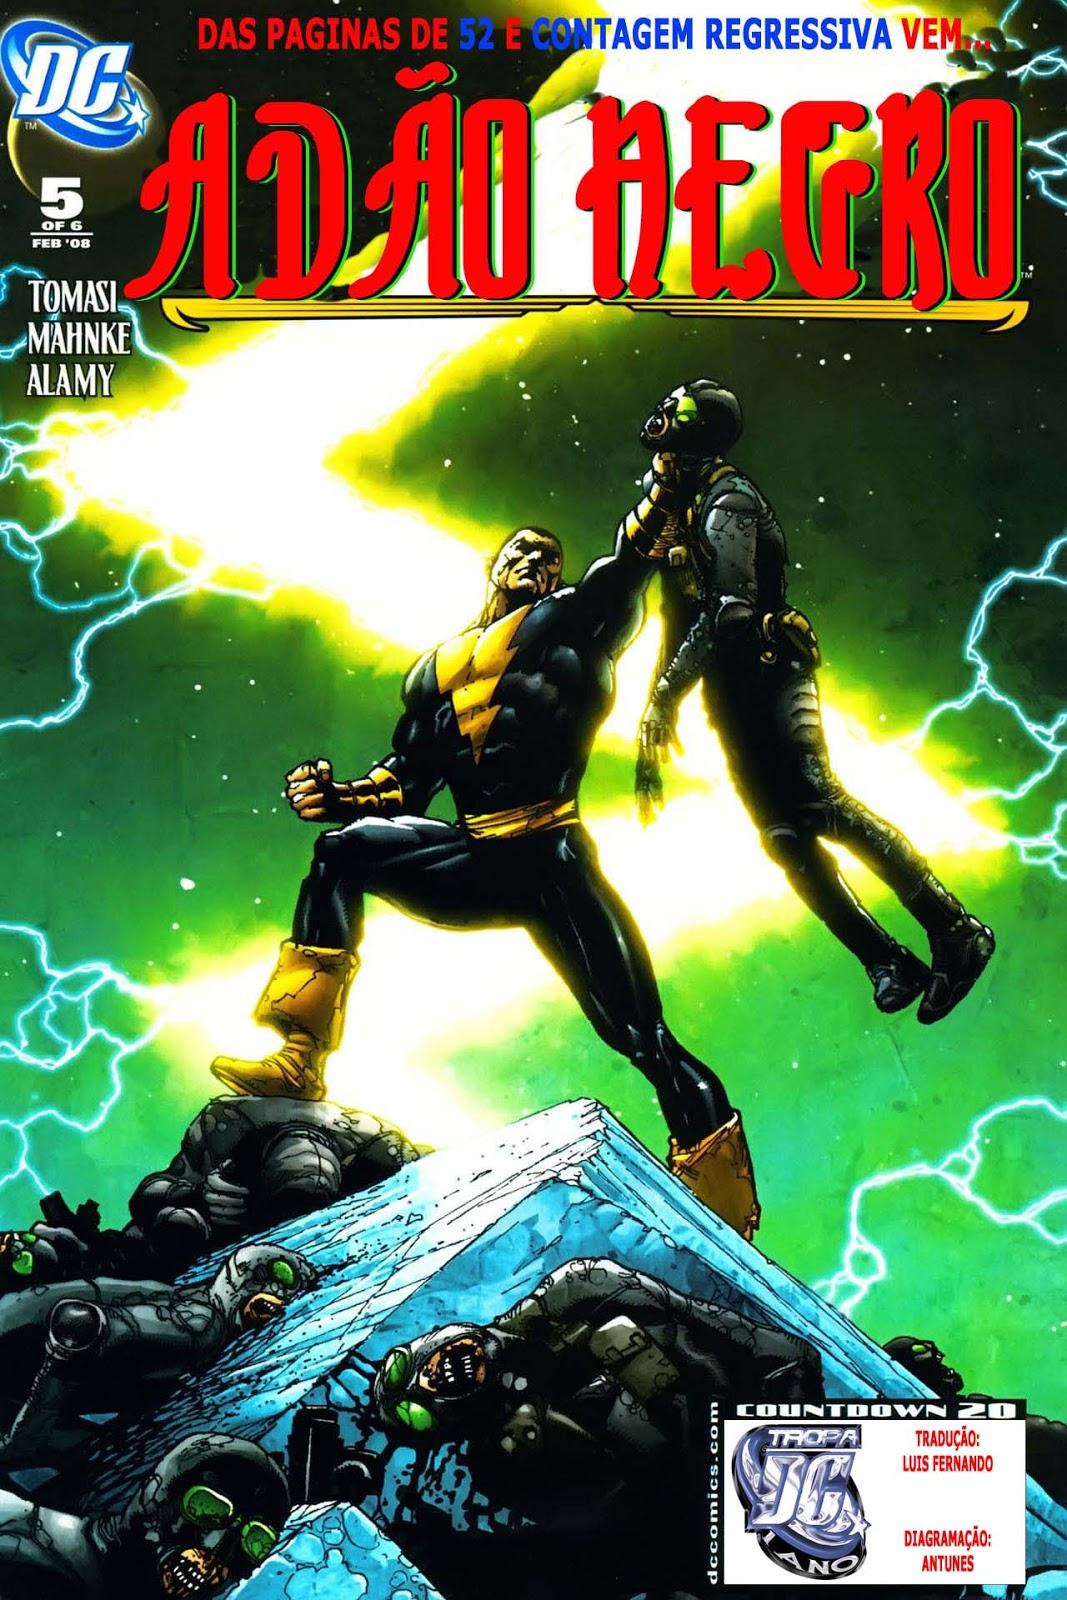 Adão Negro - A Era Negra #5